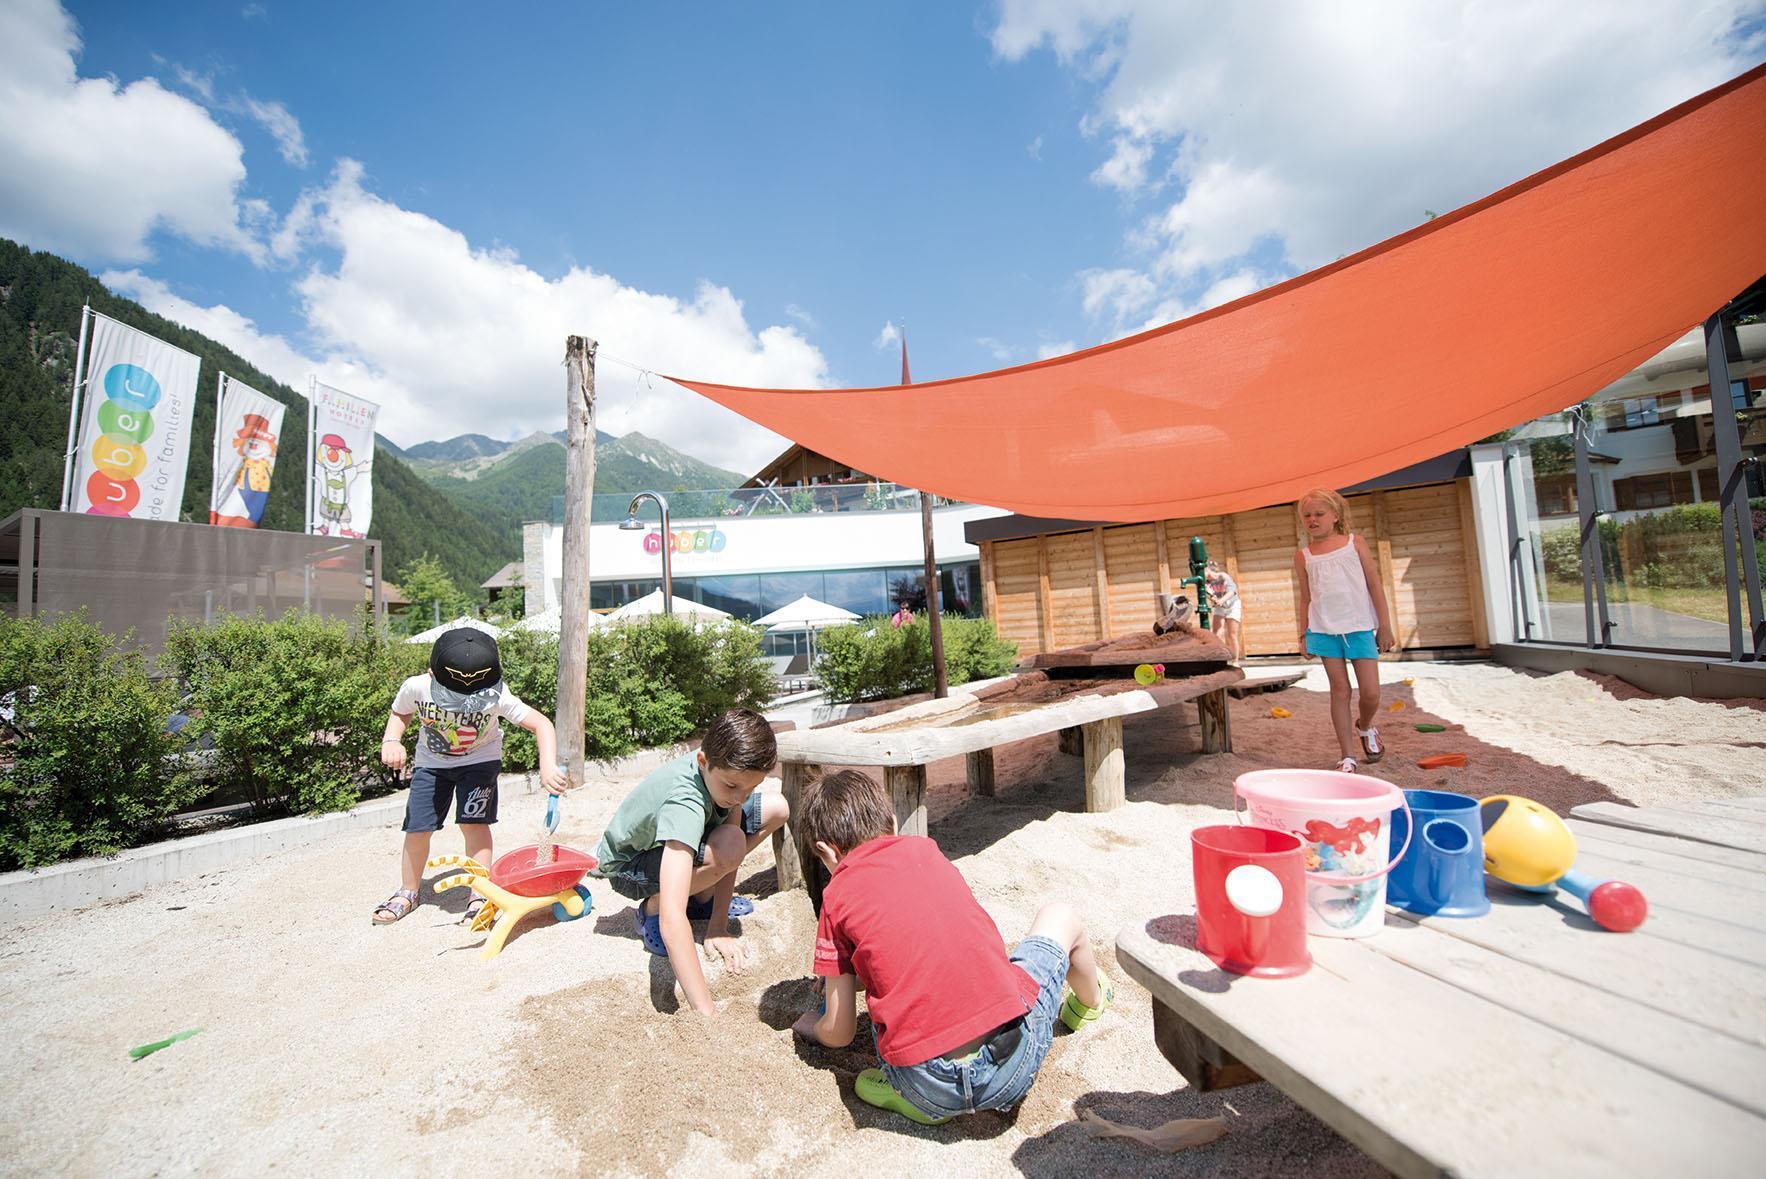 Hotel per bambini con piscina e scivolo ad acqua in alto adige - Hotel con piscina riscaldata per bambini ...